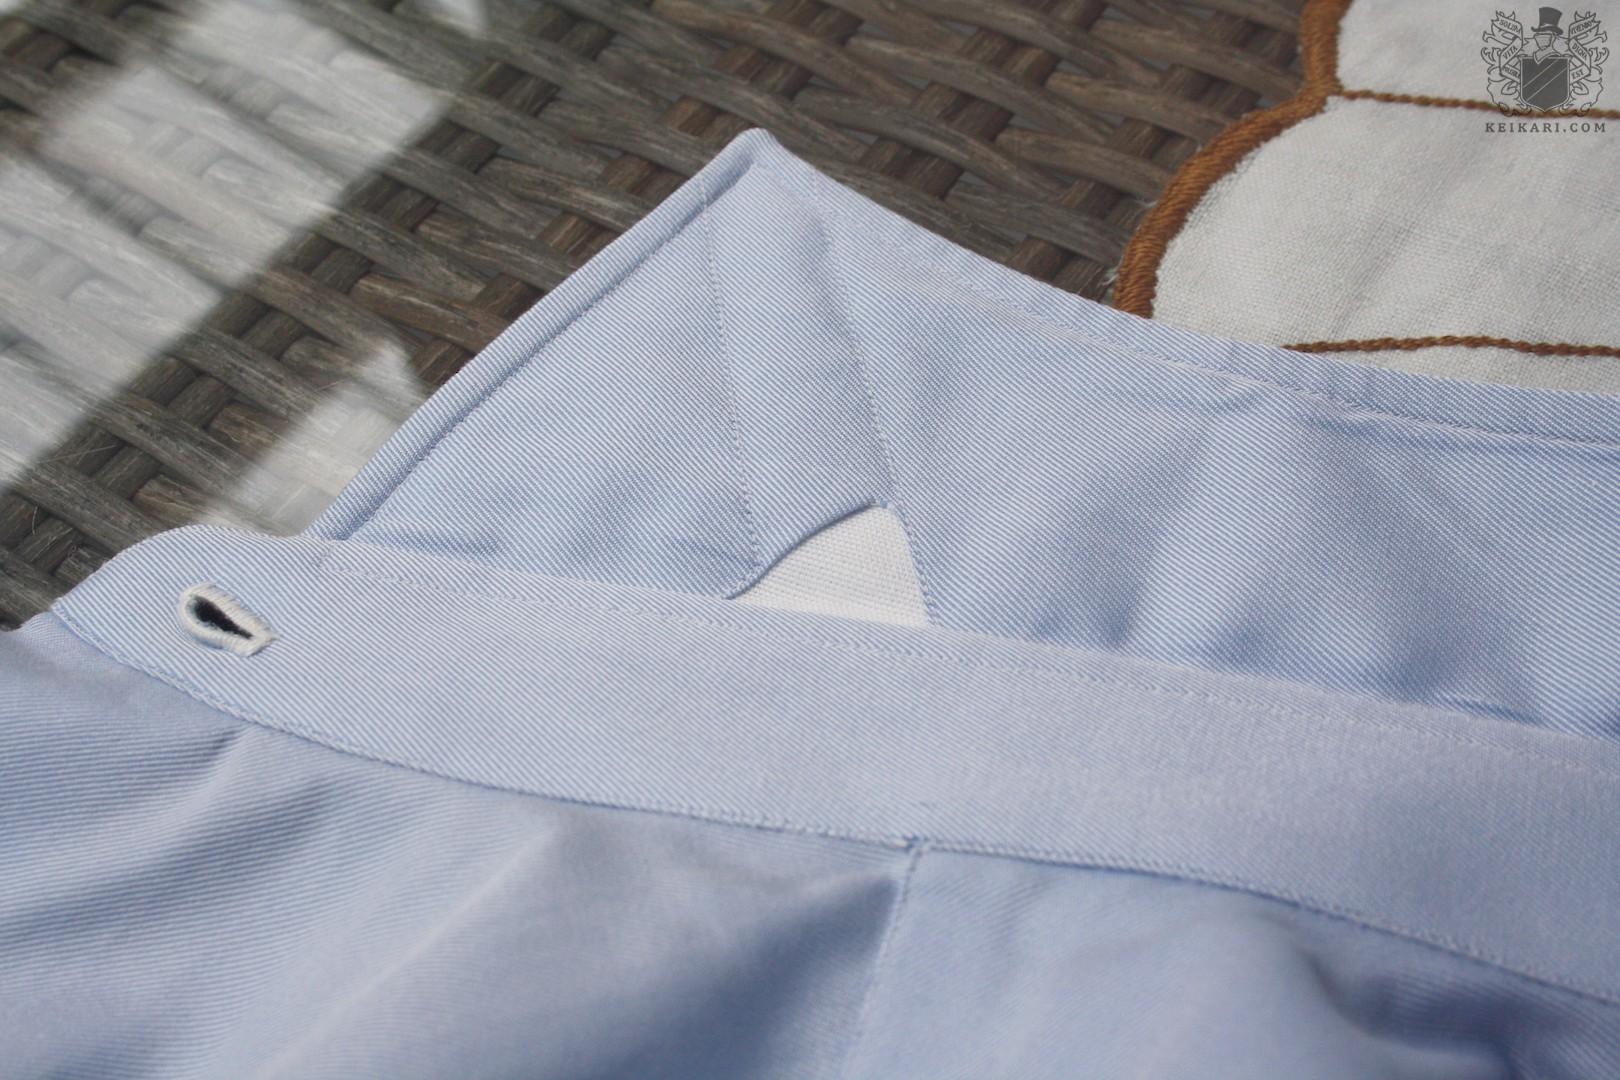 Anatomy_of_an_Isaia_shirt_at_Keikari_dot_com13